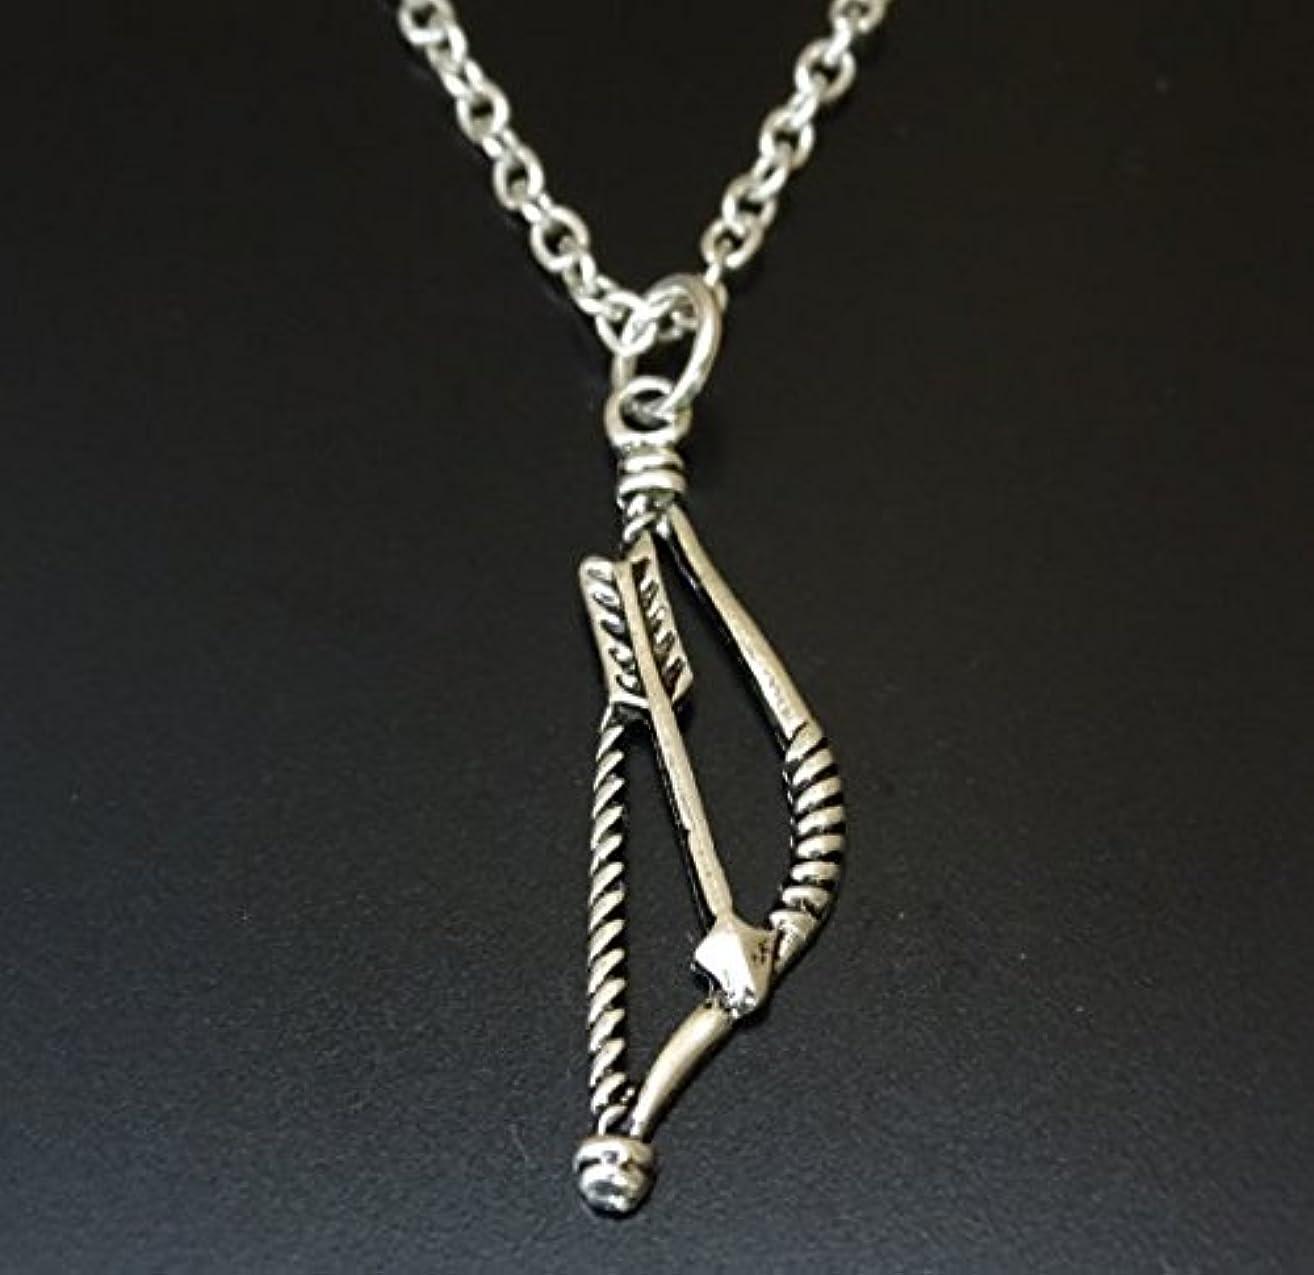 Arrow Necklace, Arrow Jewelry, Arrow Charm, Arrow Pendant, Archery Necklace, Archery Jewelry, Archery Charm, Archery Pendant, Archery Gifts, Arrow Gift, Arrow Birthday